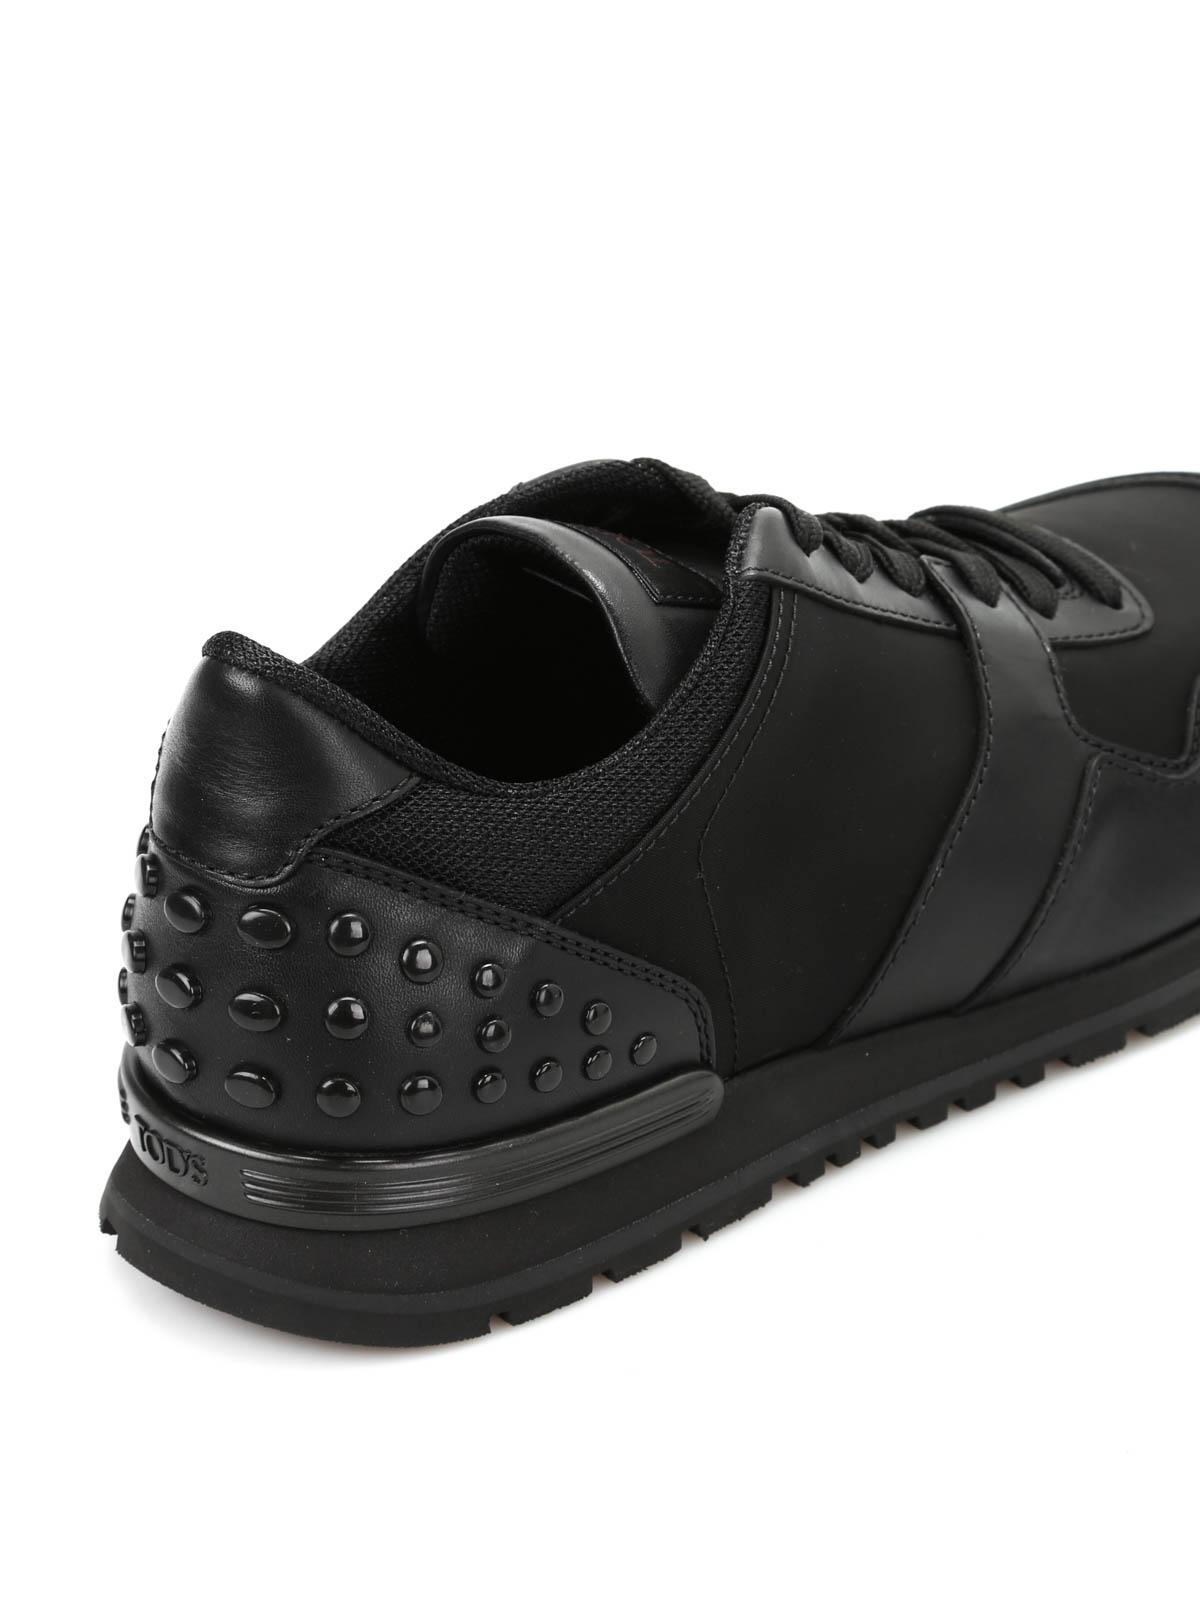 All Dots Spoiler Matt sneakers - Black Tod's WKG2yN7Y